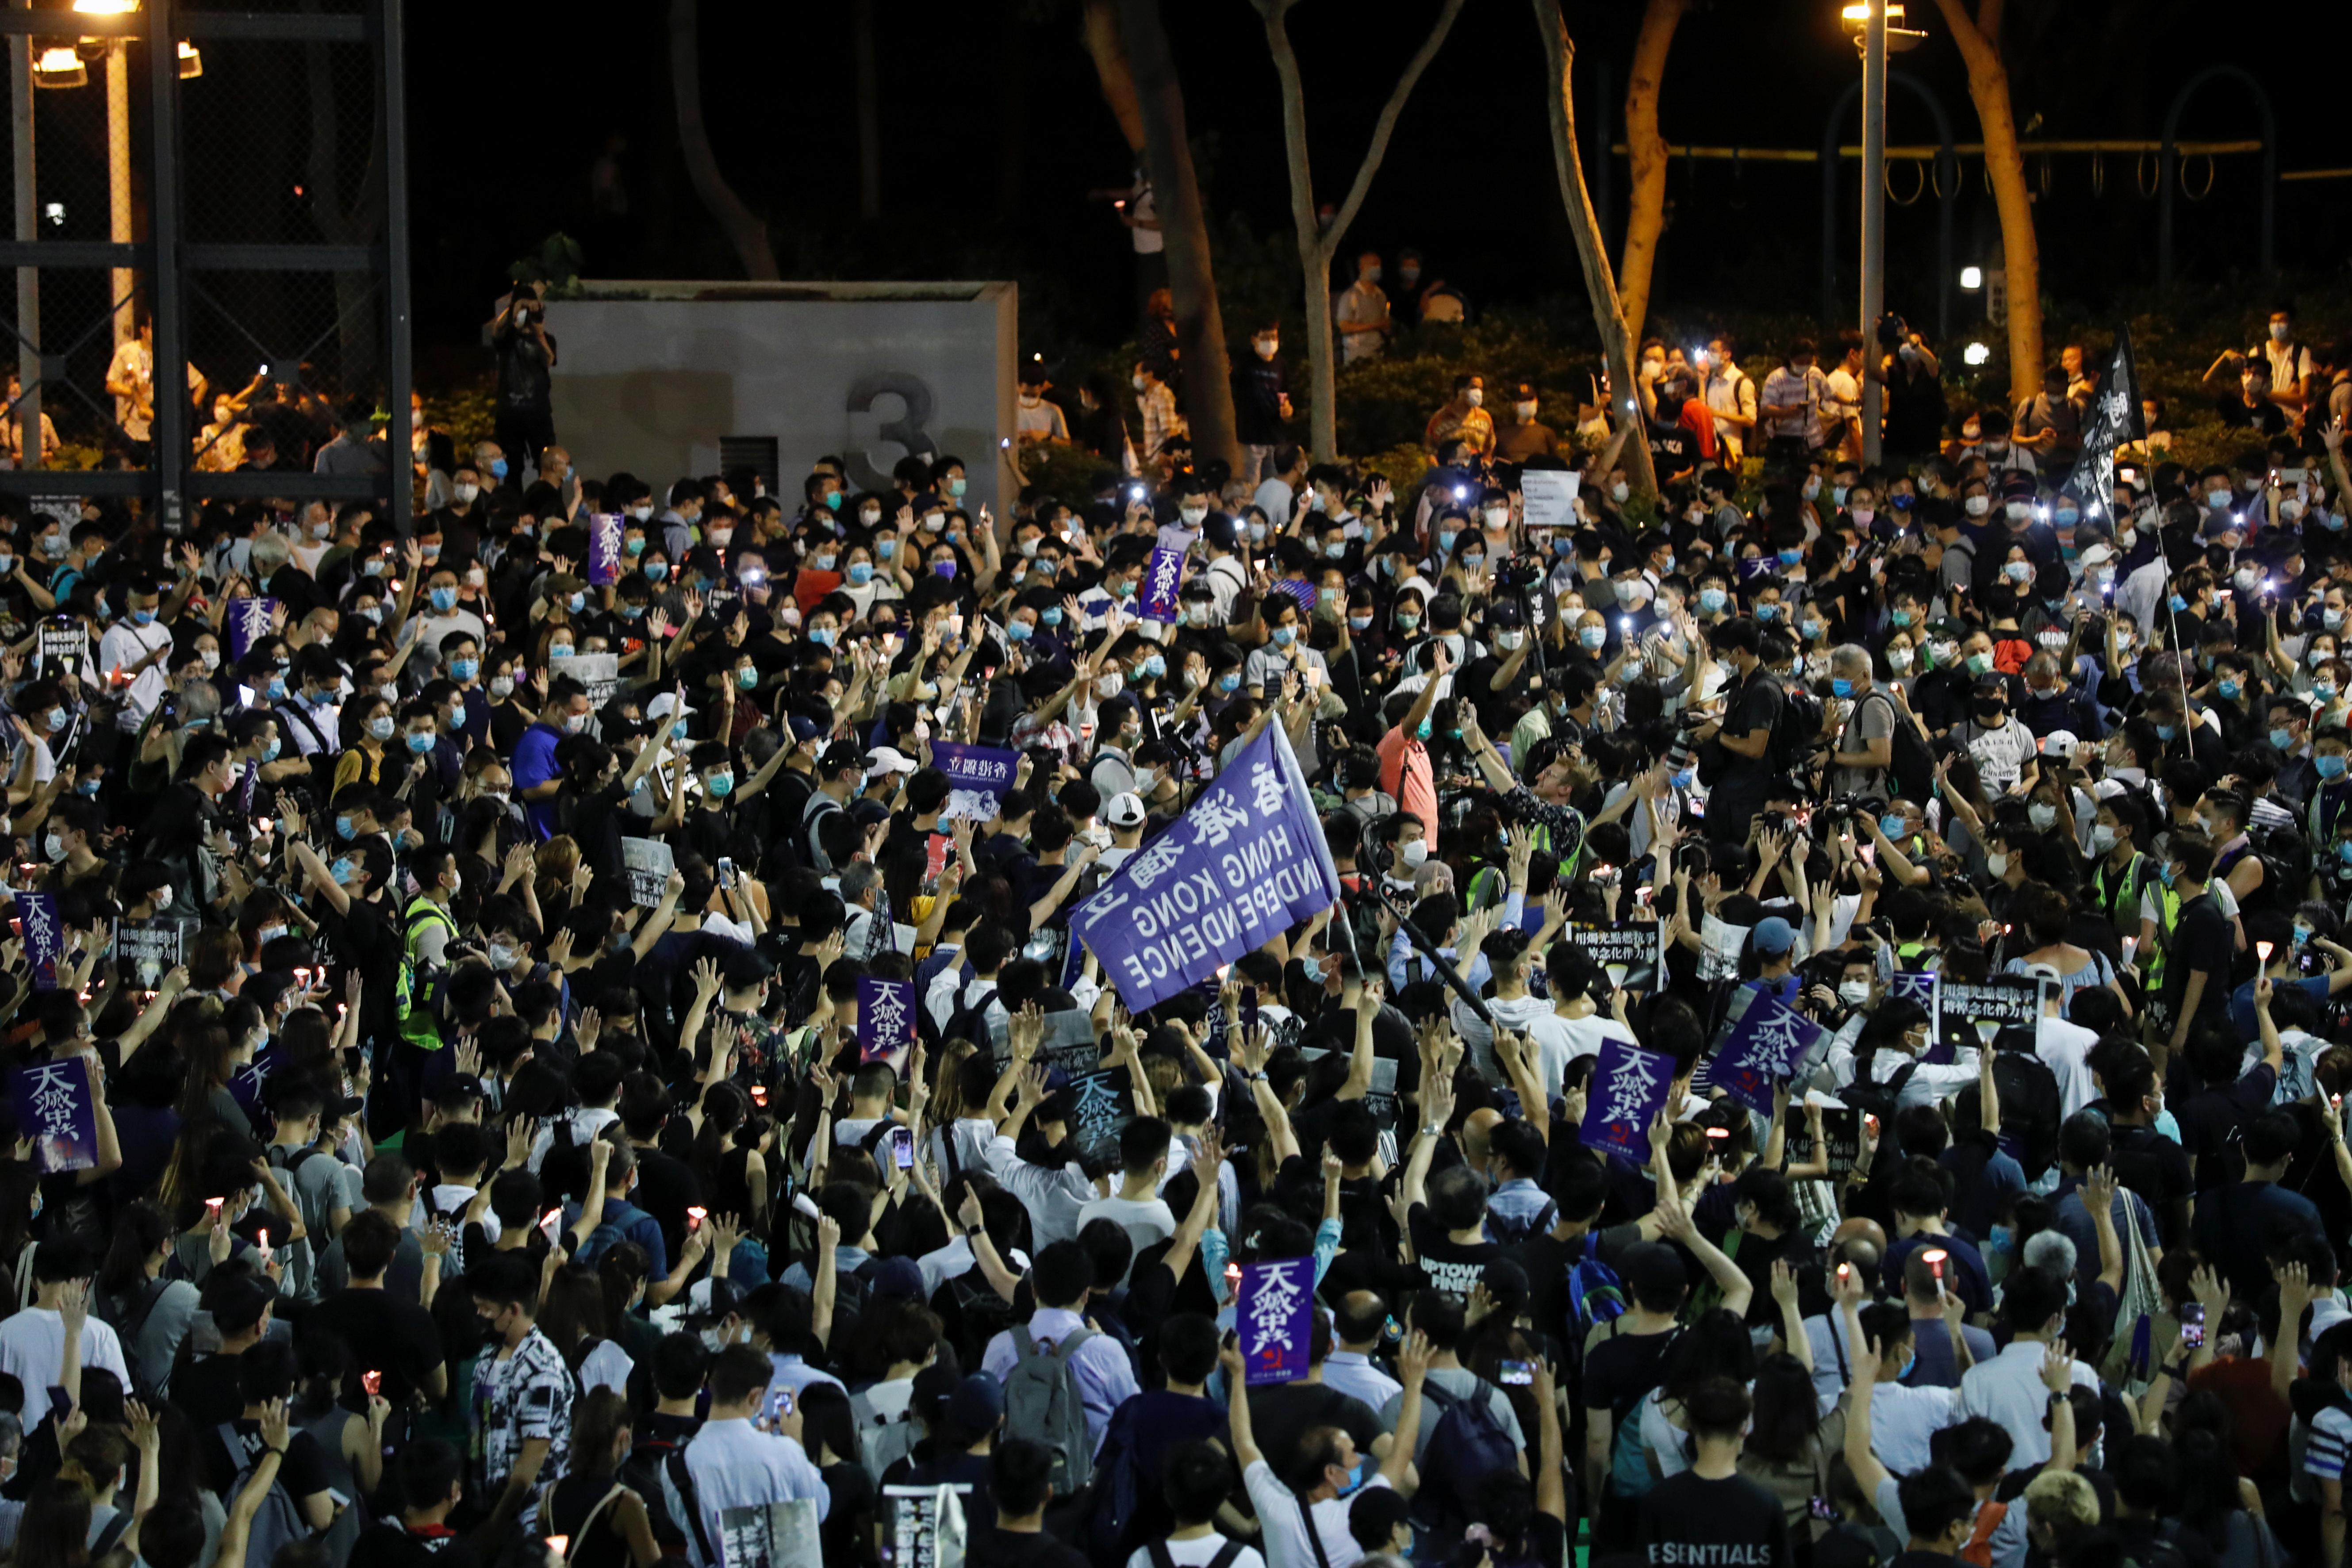 Con el correr de las horas, la multitud continuó creciendo. Los asistentes coreaban eslóganes como